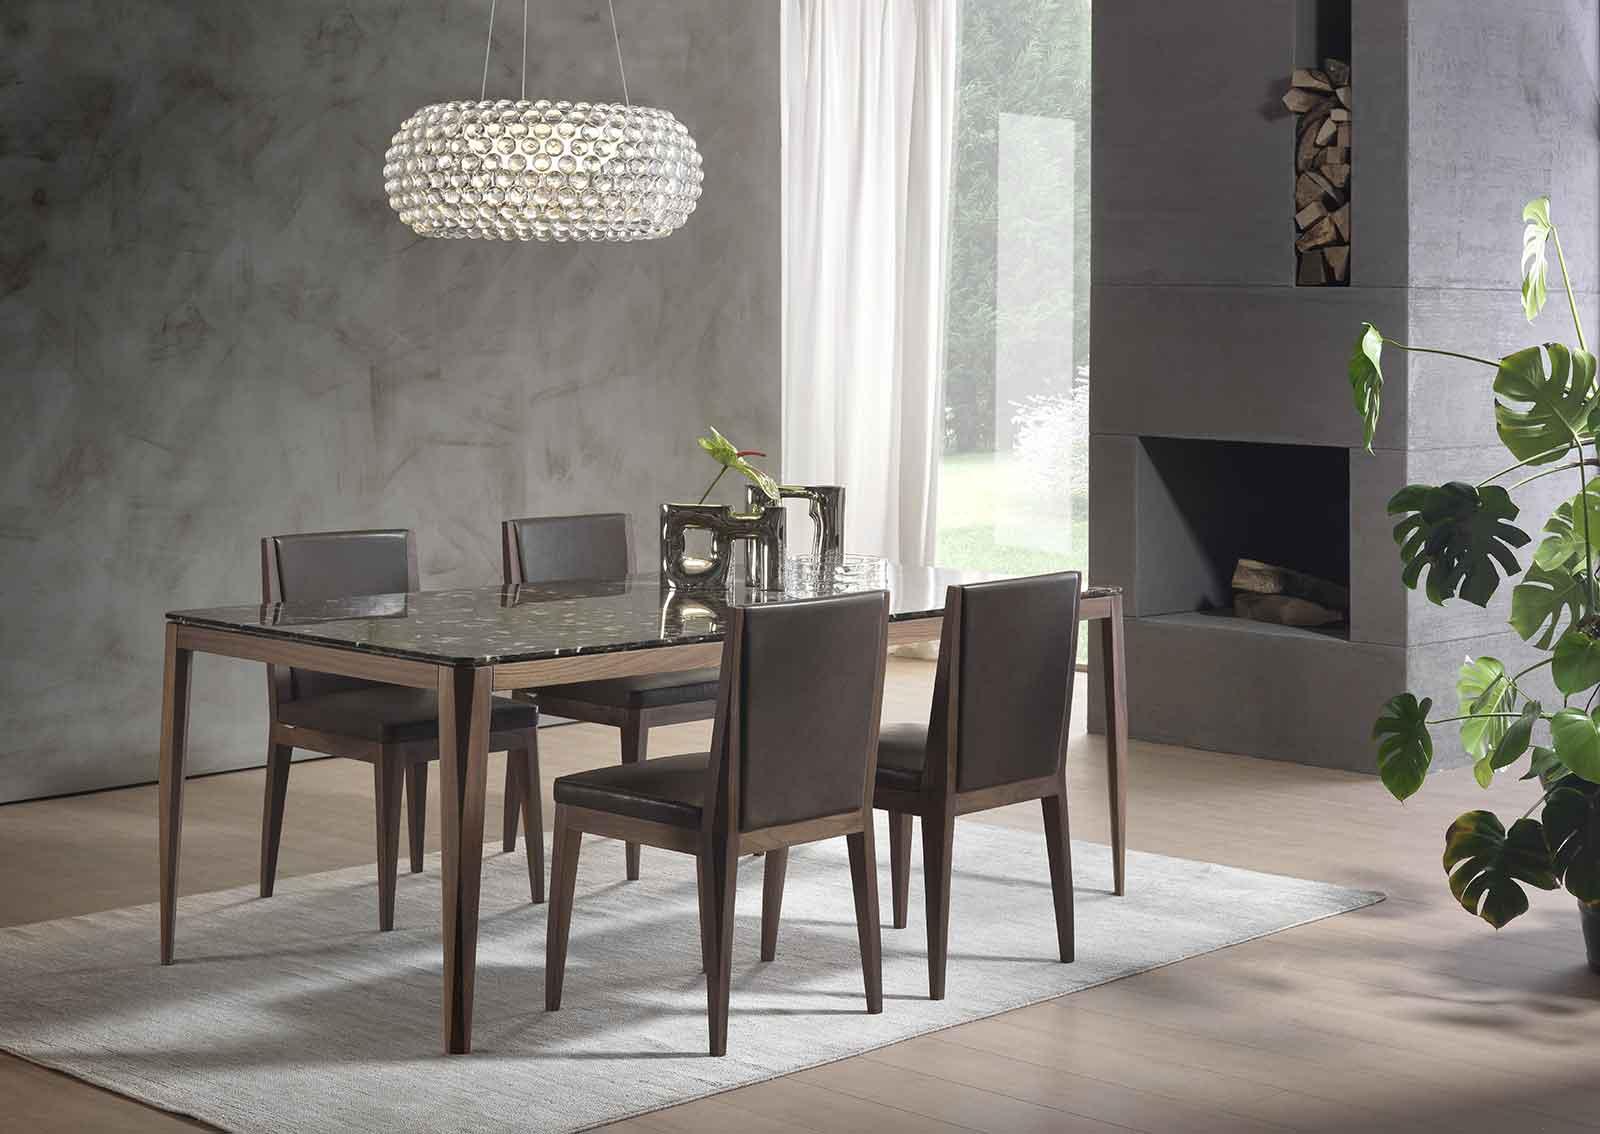 Table de repas rectangulaire en bois et marbre. Vente en ligne de tables design haut de gamme made in italy avec livraison gratuite. Ameublement de luxe.